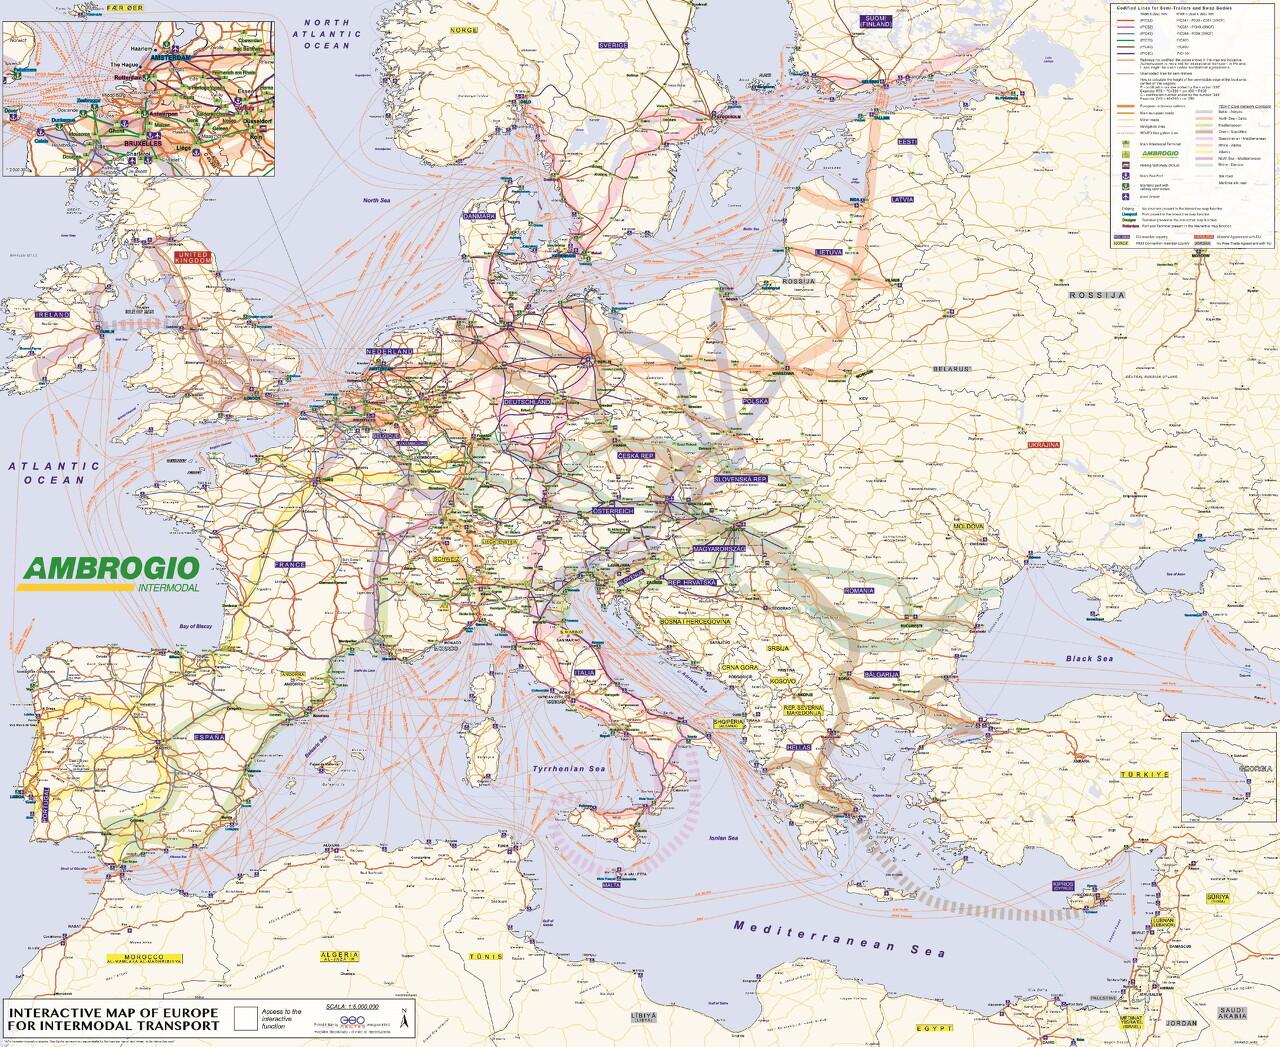 Europa per il Trasporto Intermodale